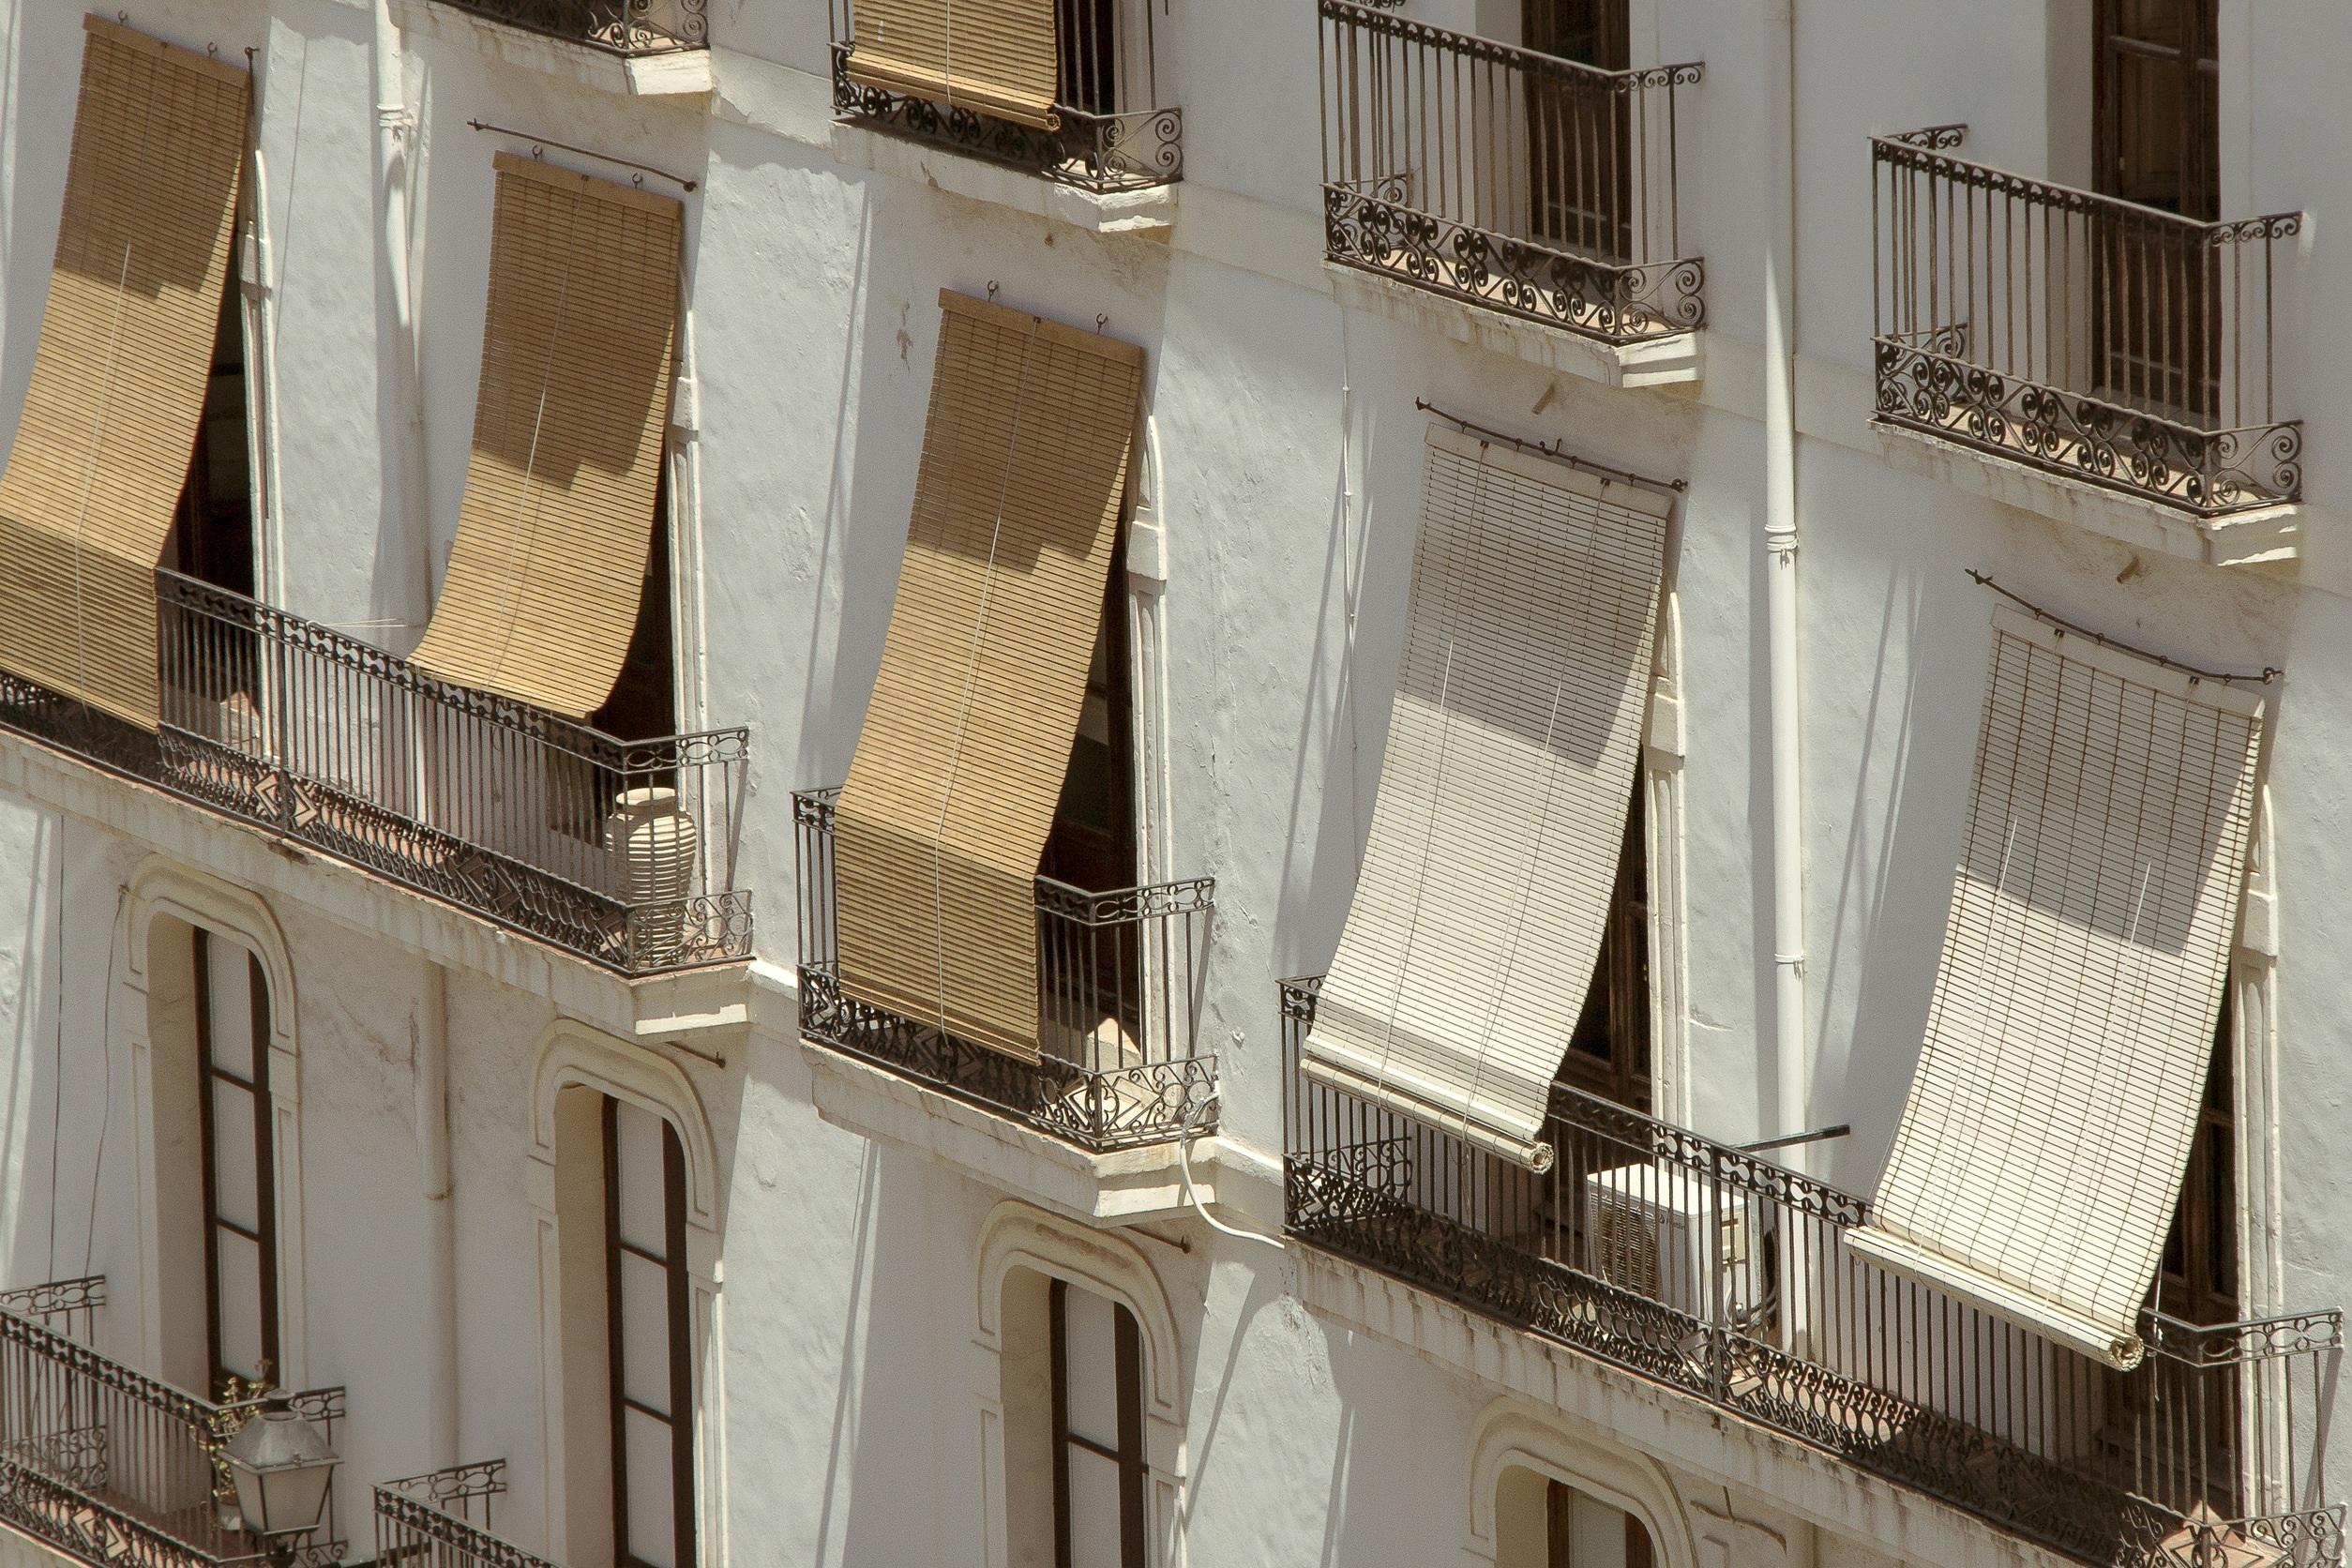 Gratis billeder : arkitektur, struktur, træ, hus, vindue, bygning ...